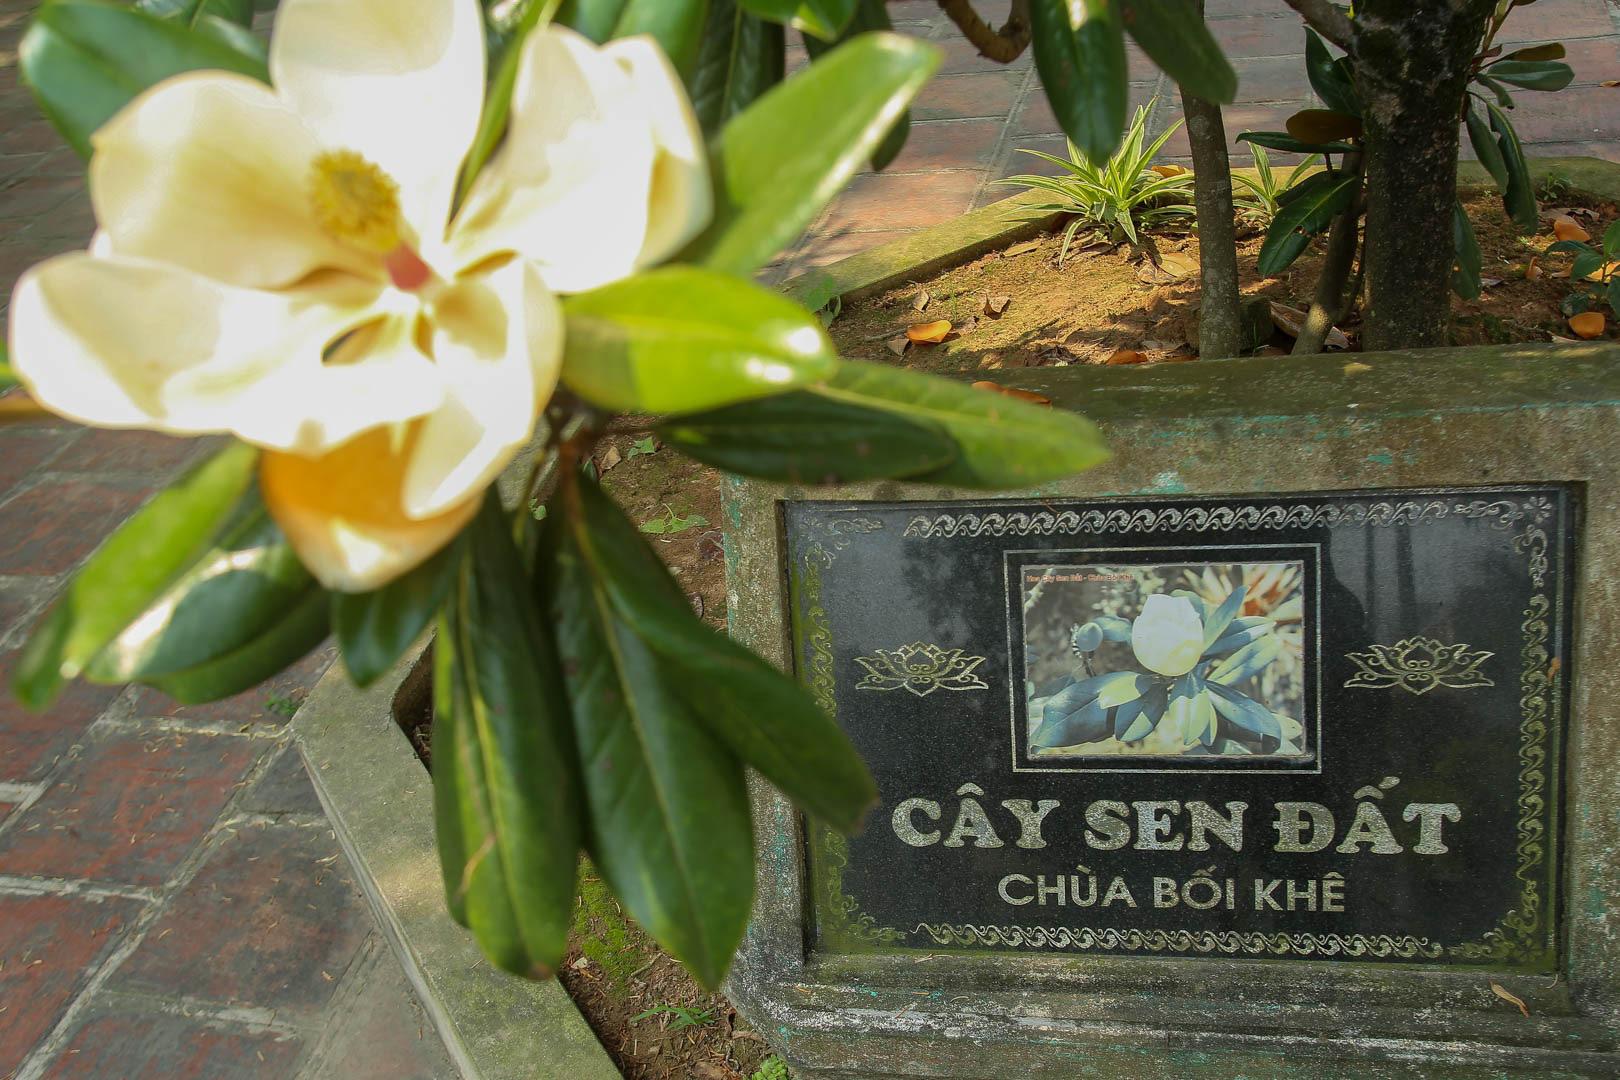 Kỳ lạ đóa sen nằm trên cạn, tỏa hương thơm ngát ngôi chùa trăm năm tuổi - Ảnh 13.